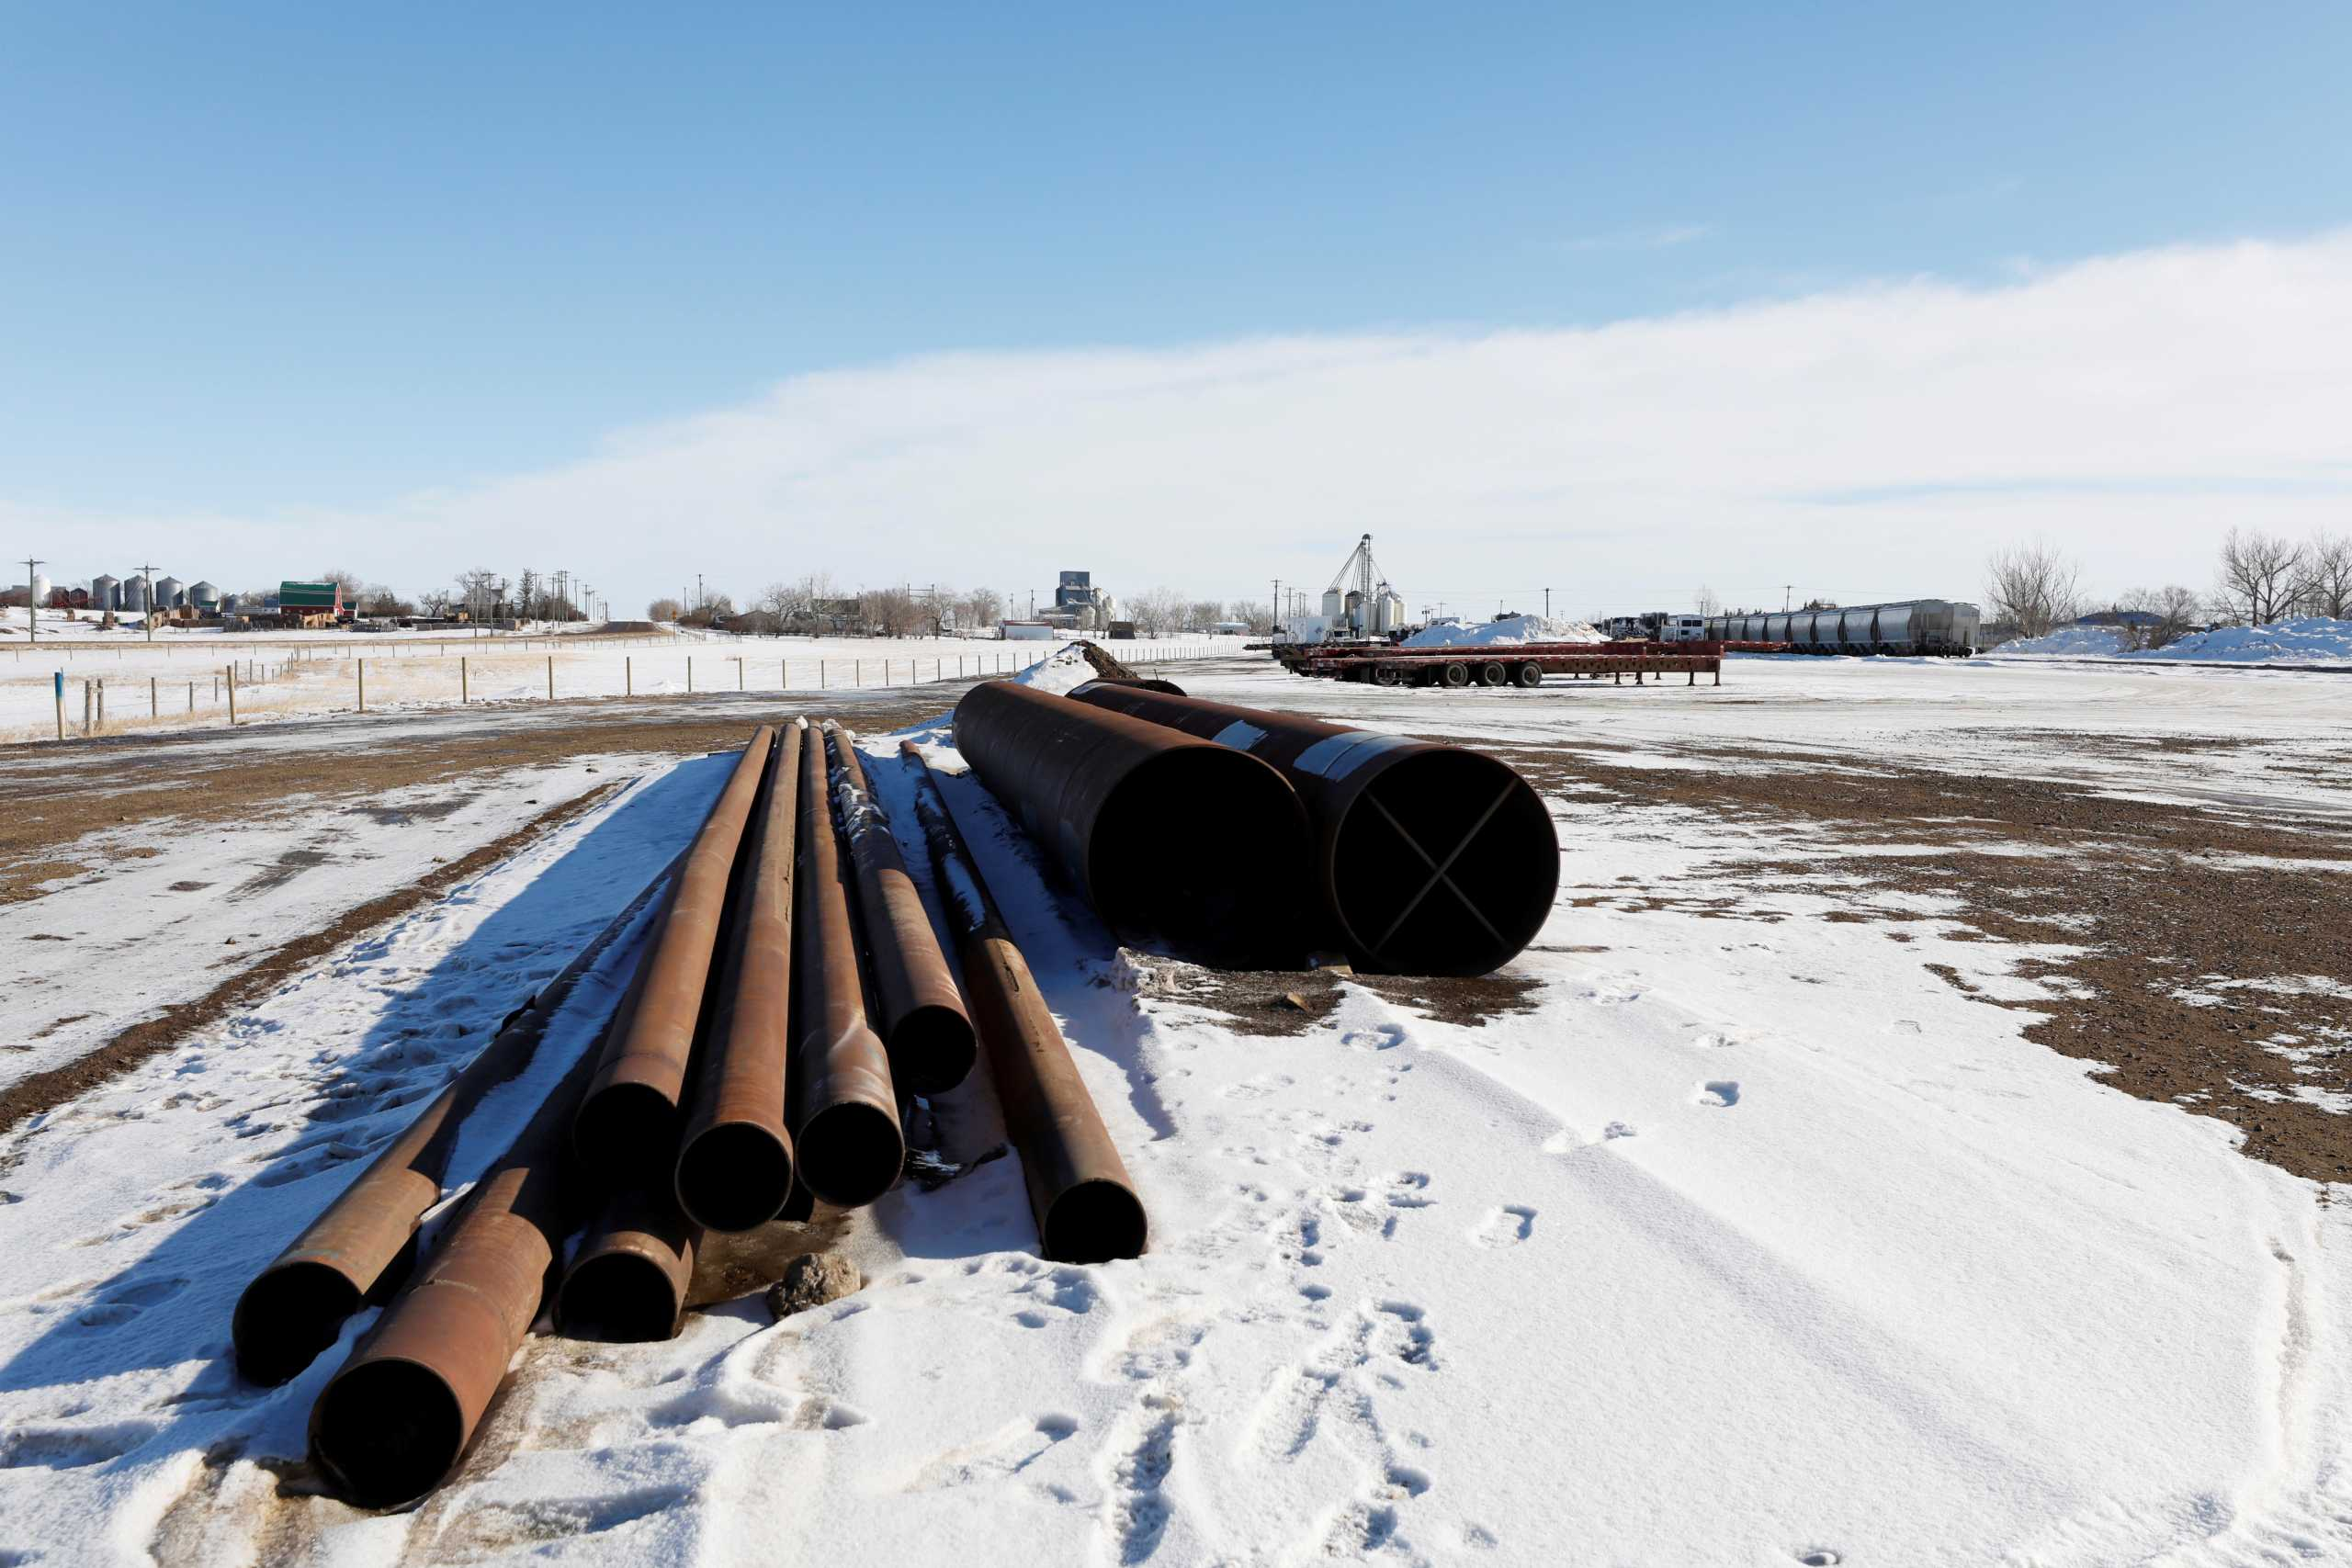 Ναυάγησε ο αμφιλεγόμενος πετρελαιαγωγός Keystone XL